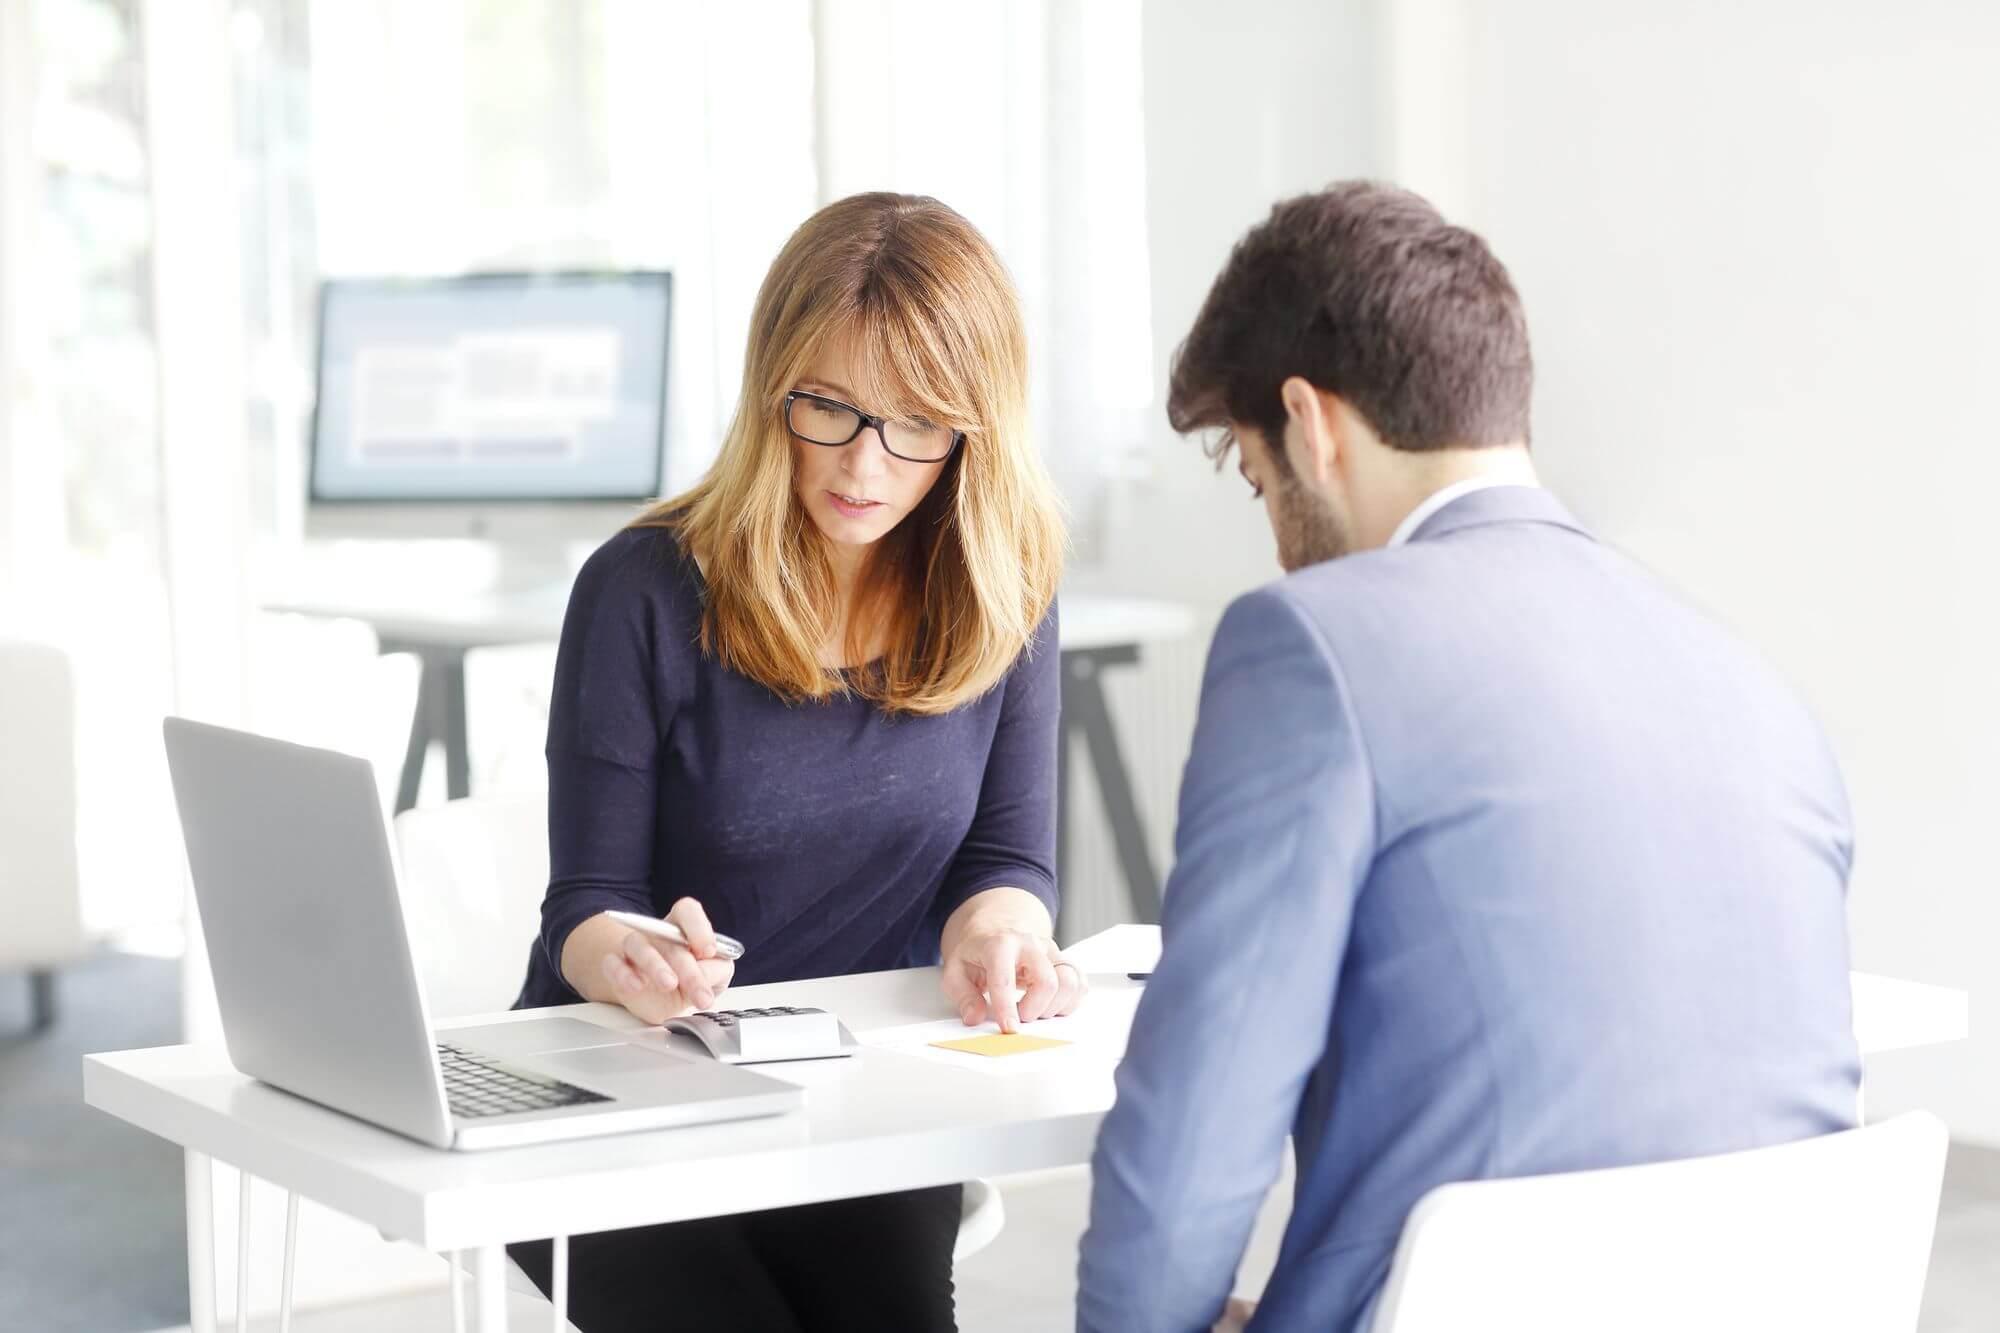 133125-4-dicas-para-melhorar-a-qualidade-do-atendimento-ao-cliente